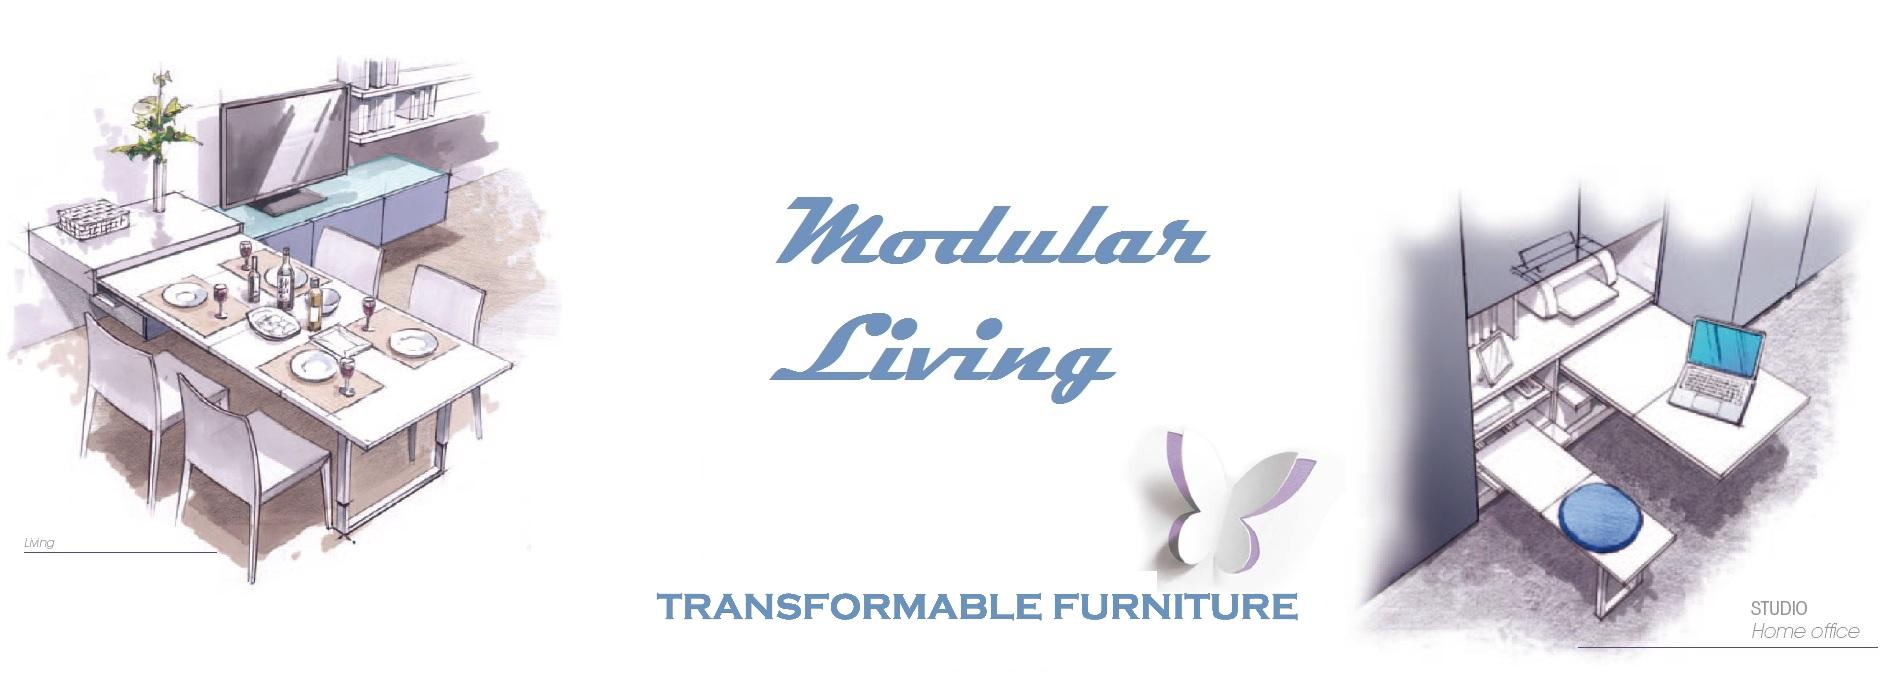 ModularLiving